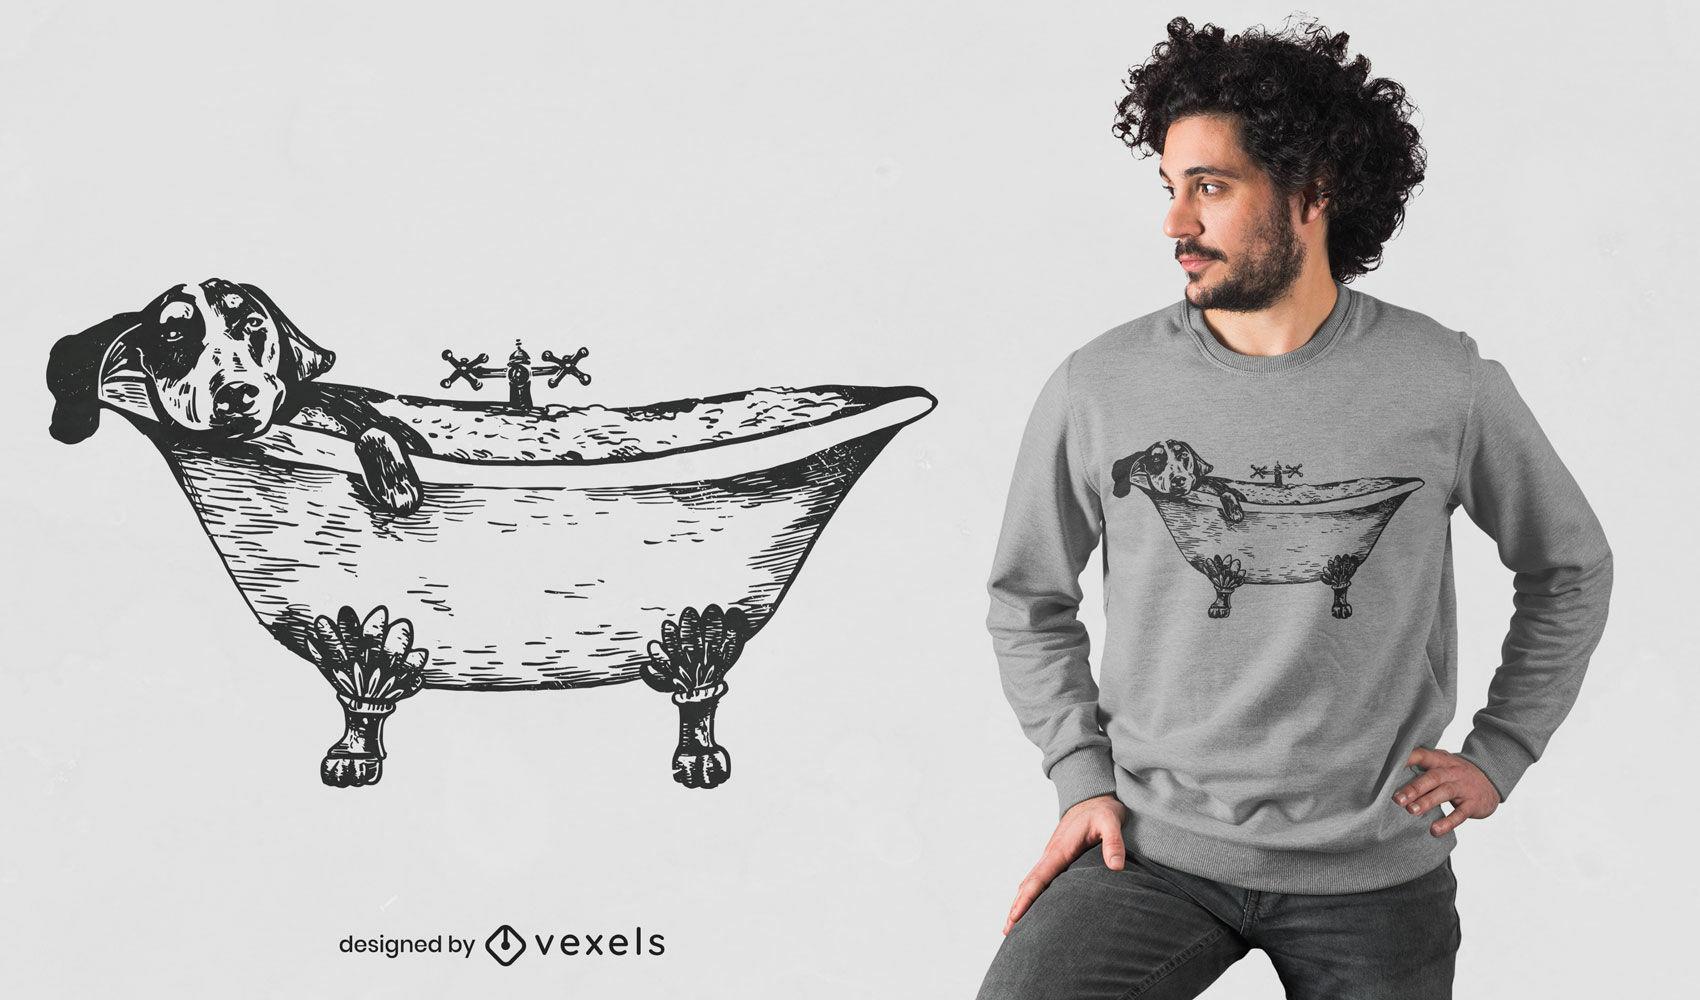 Dachshund dog bathtub t-shirt design